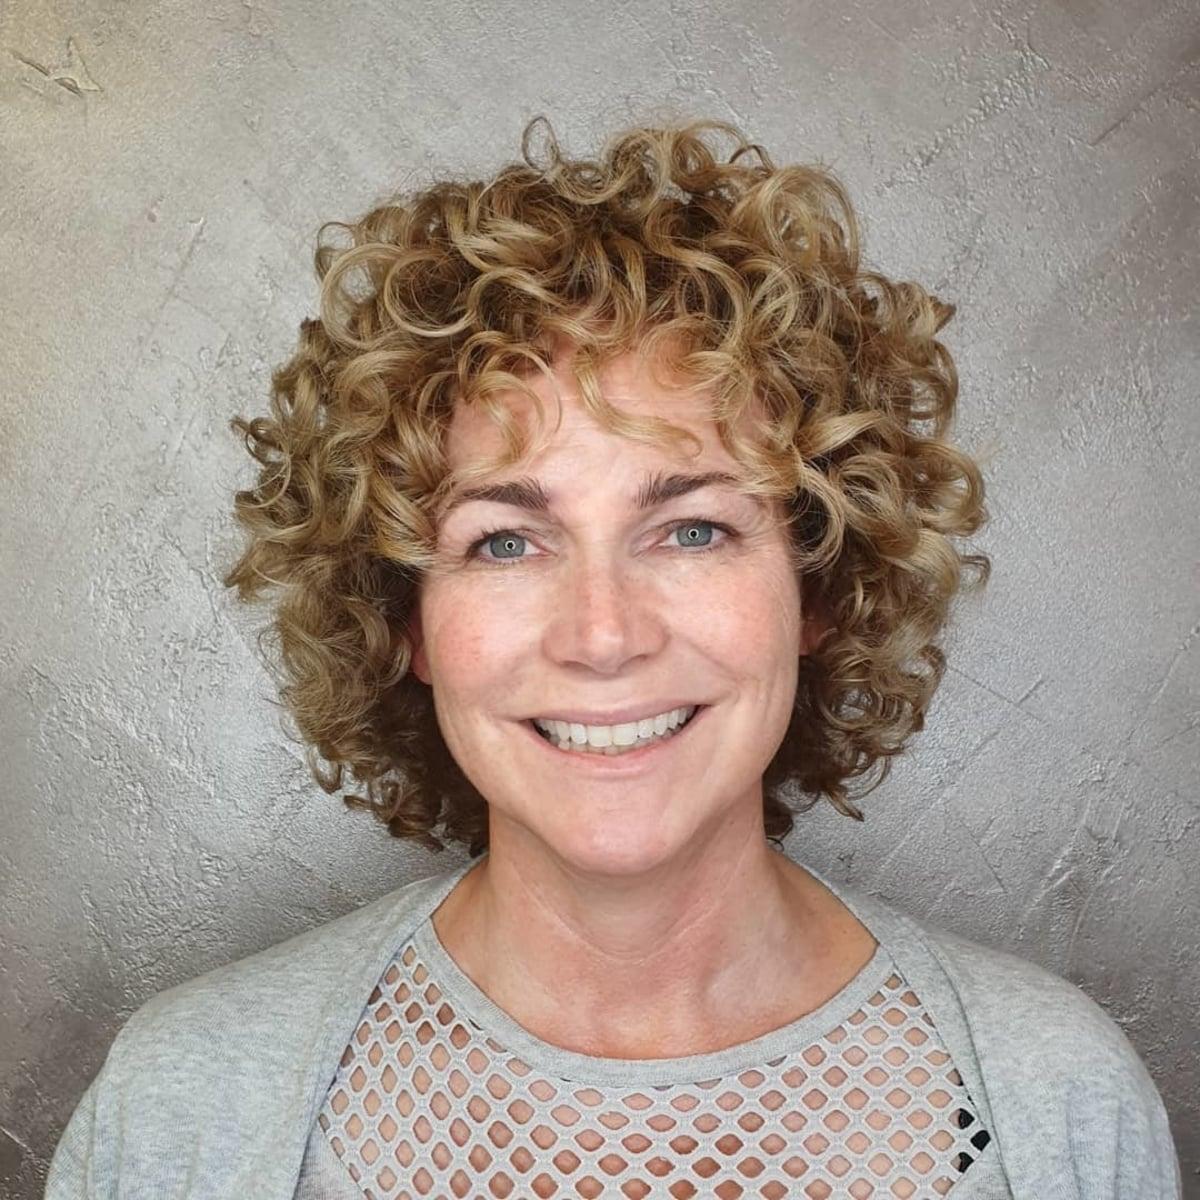 Peinado corto y rizado para mujeres mayores de 50 años.